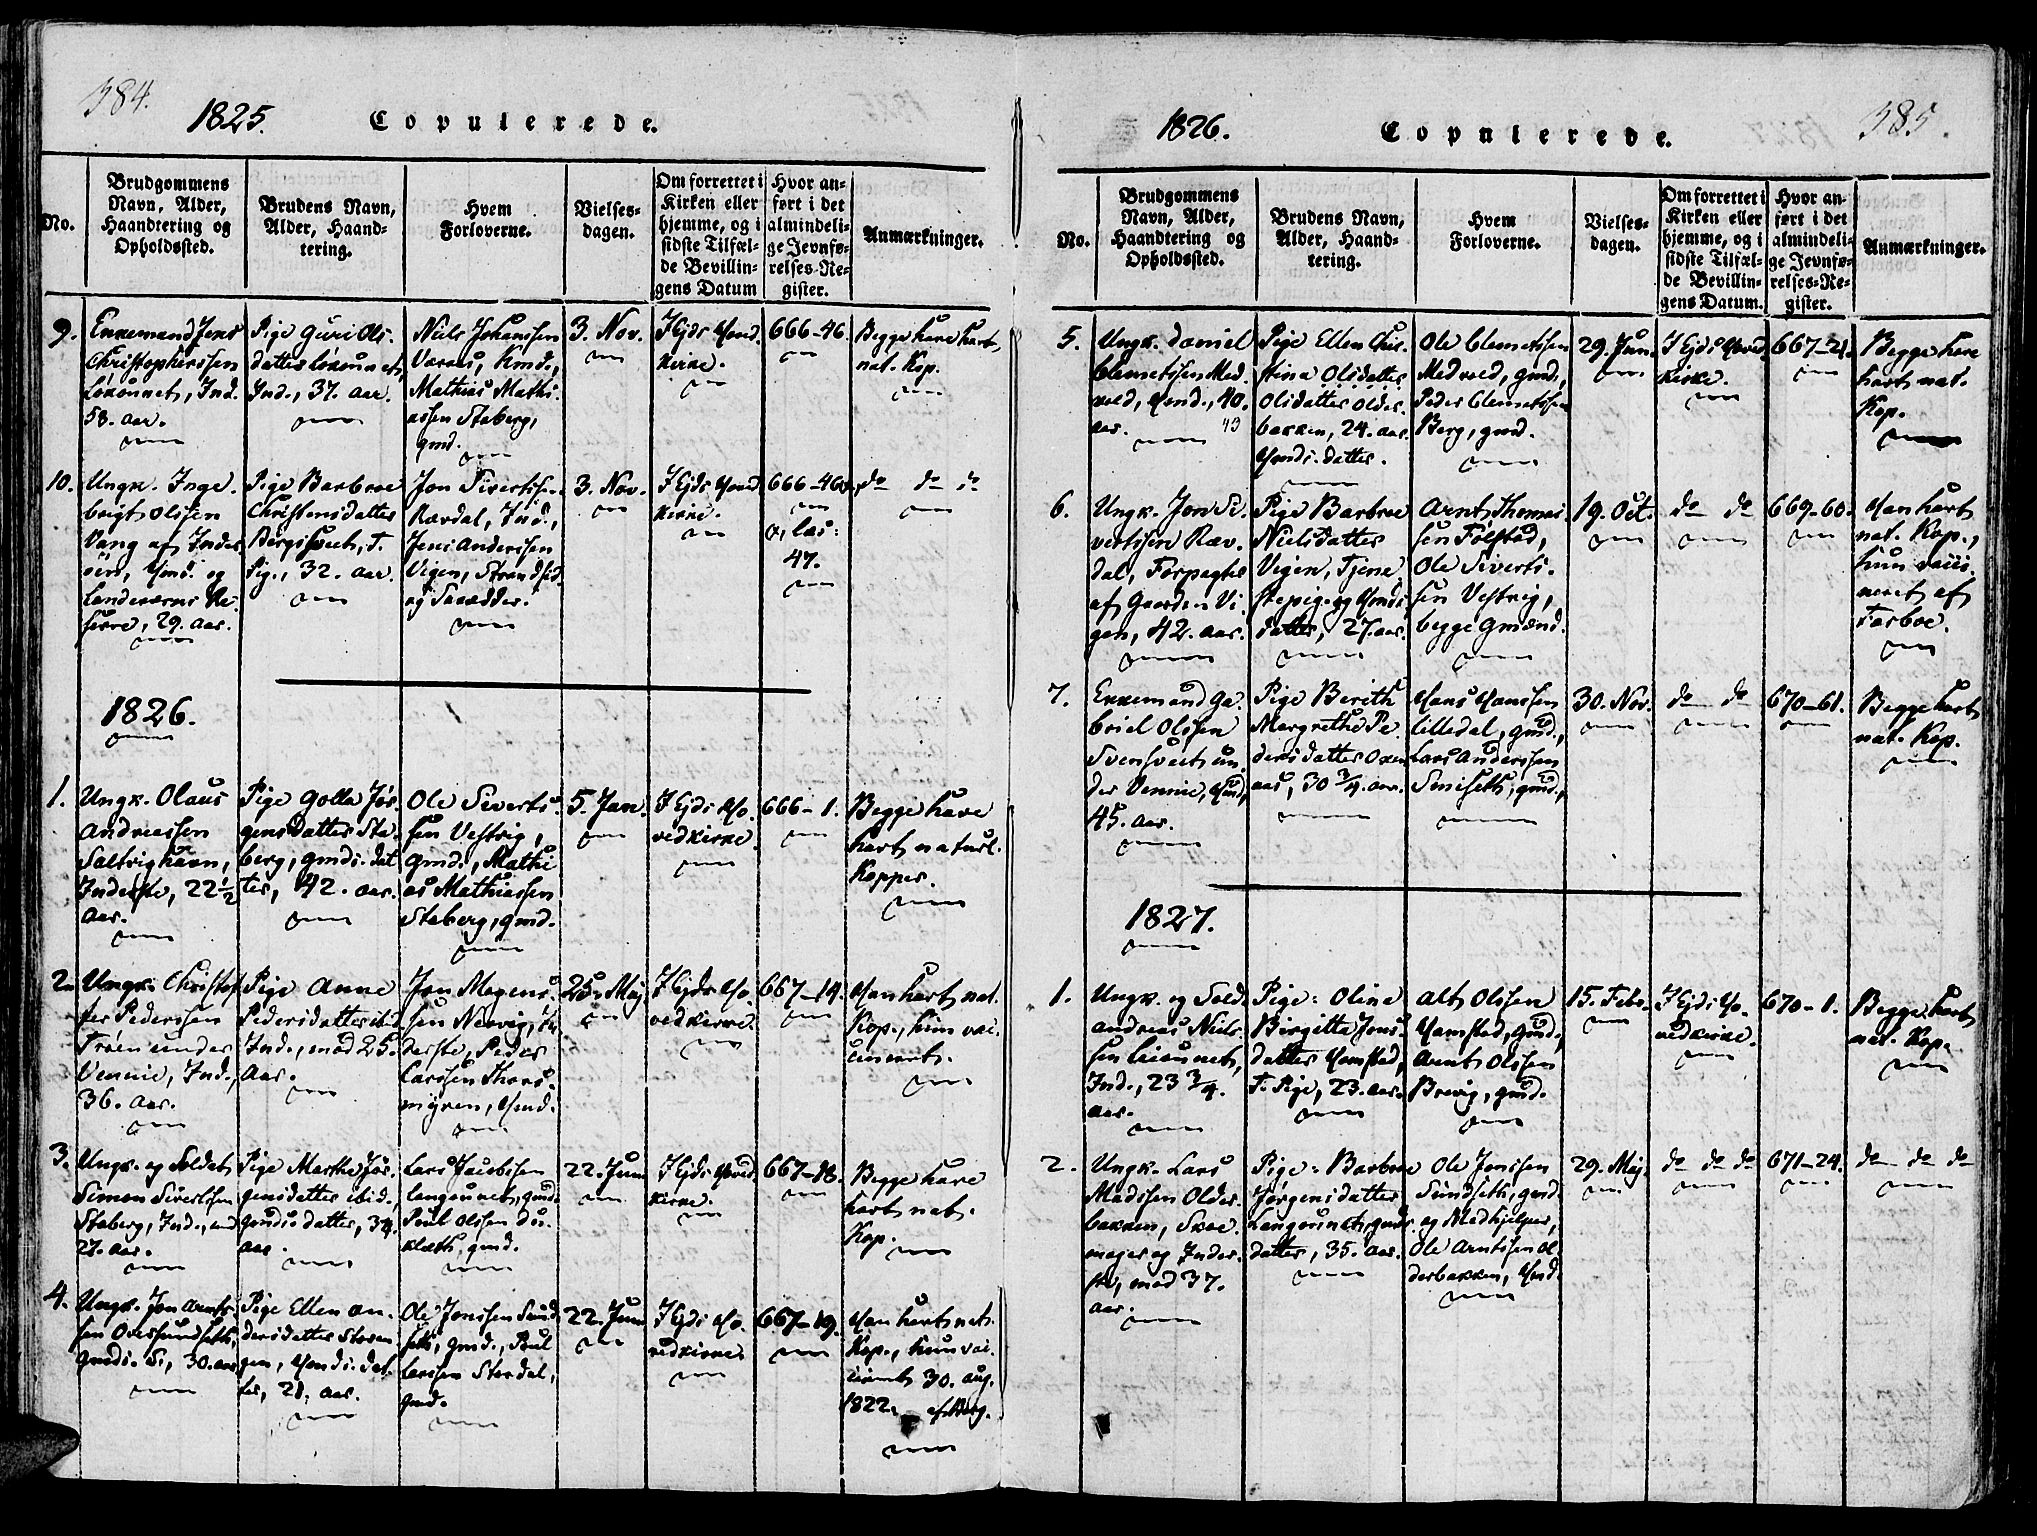 SAT, Ministerialprotokoller, klokkerbøker og fødselsregistre - Nord-Trøndelag, 733/L0322: Ministerialbok nr. 733A01, 1817-1842, s. 384-385